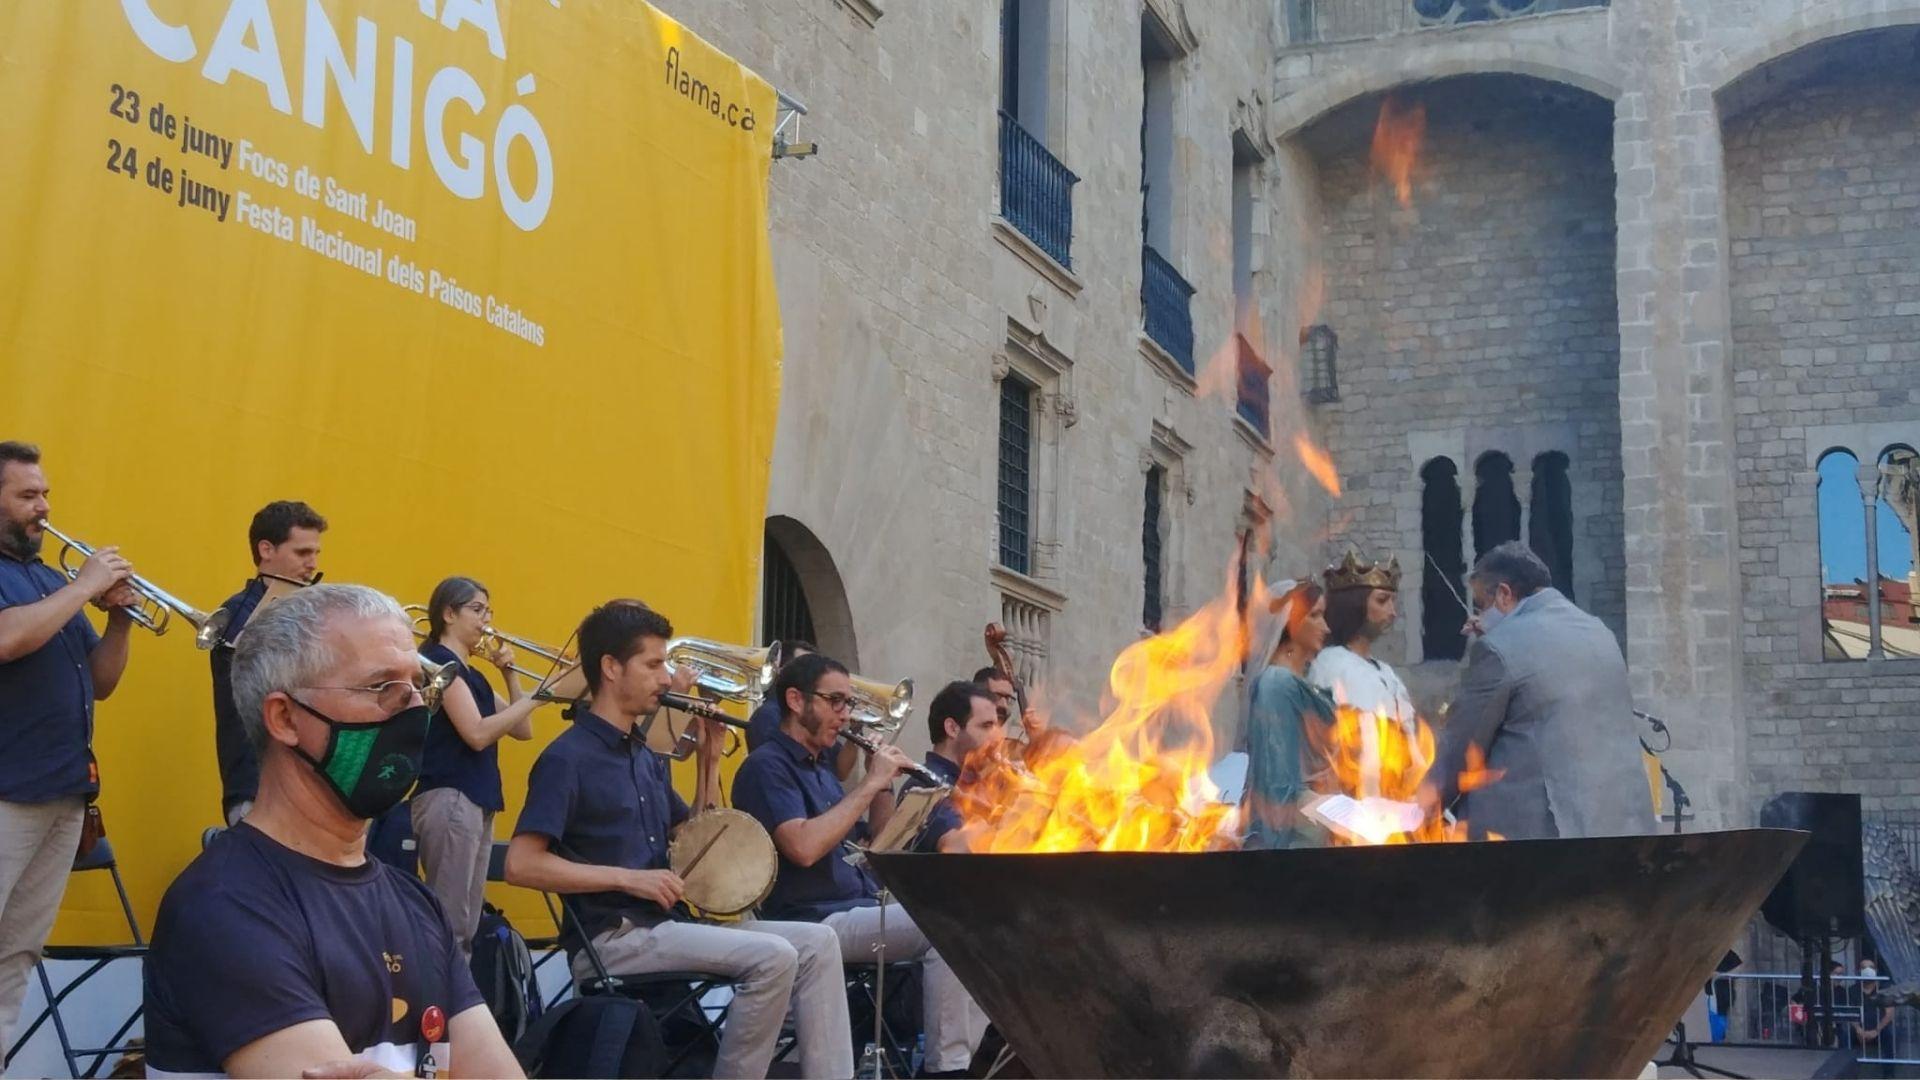 Flama del Canigó a la plaça del Rei de Barcelona per encendre les fogueres de Sant Joan